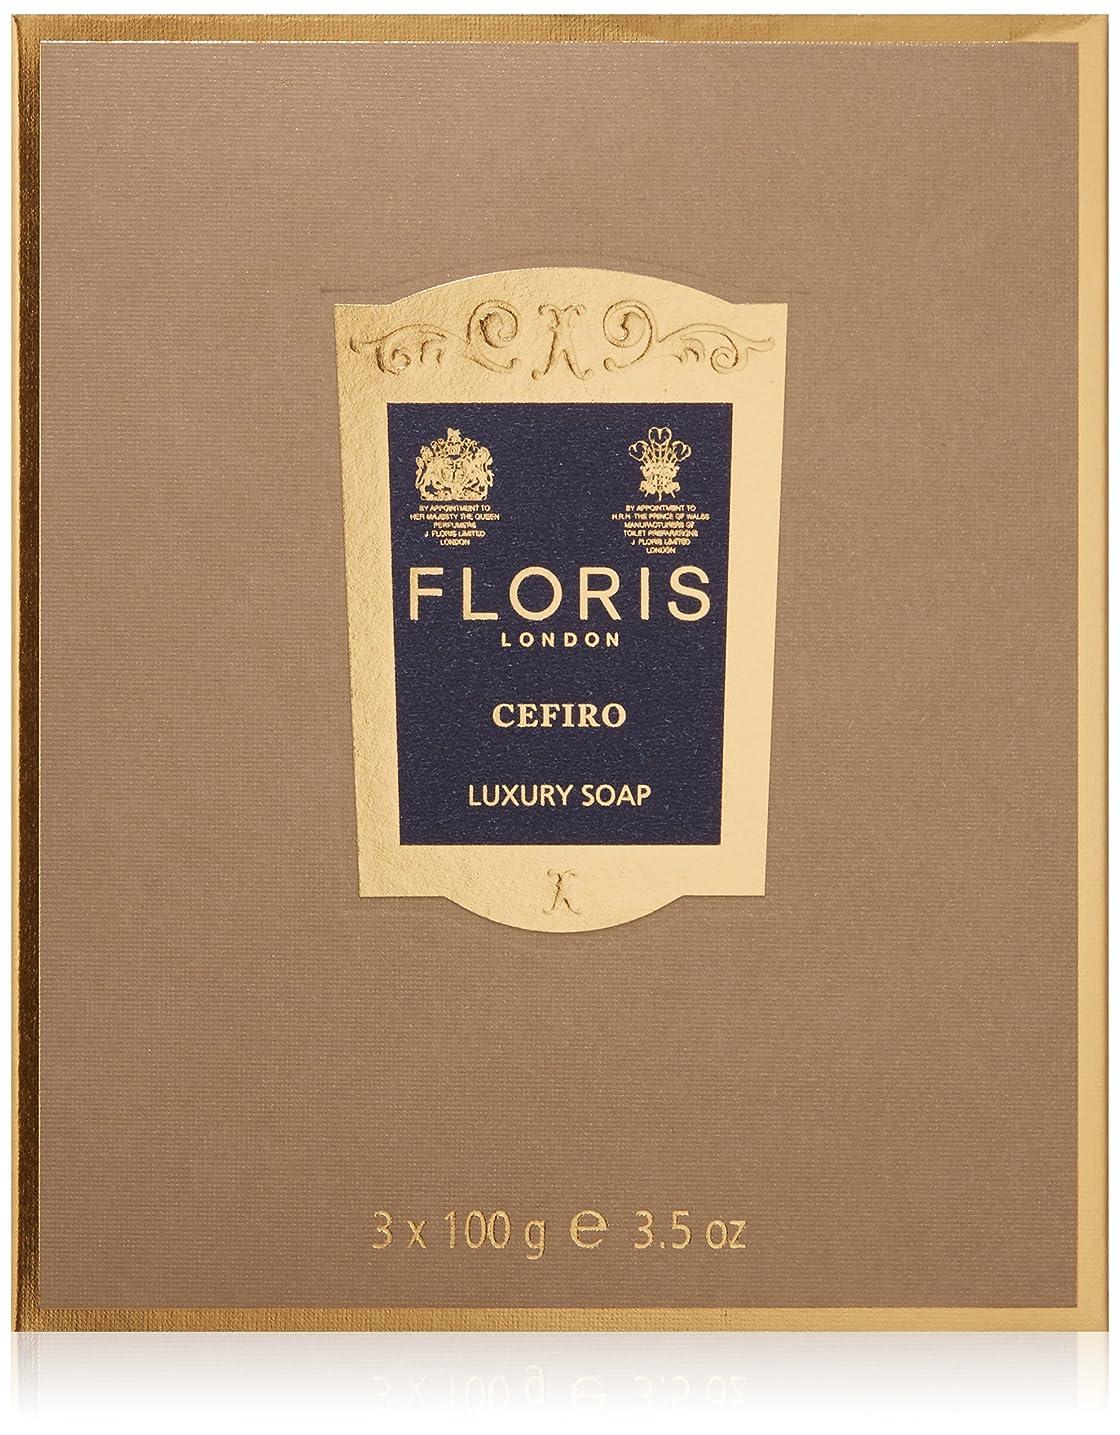 センチメートル不一致葉巻フローリス ラグジュアリーソープCF(セフィーロ) 3x100g/3.5oz